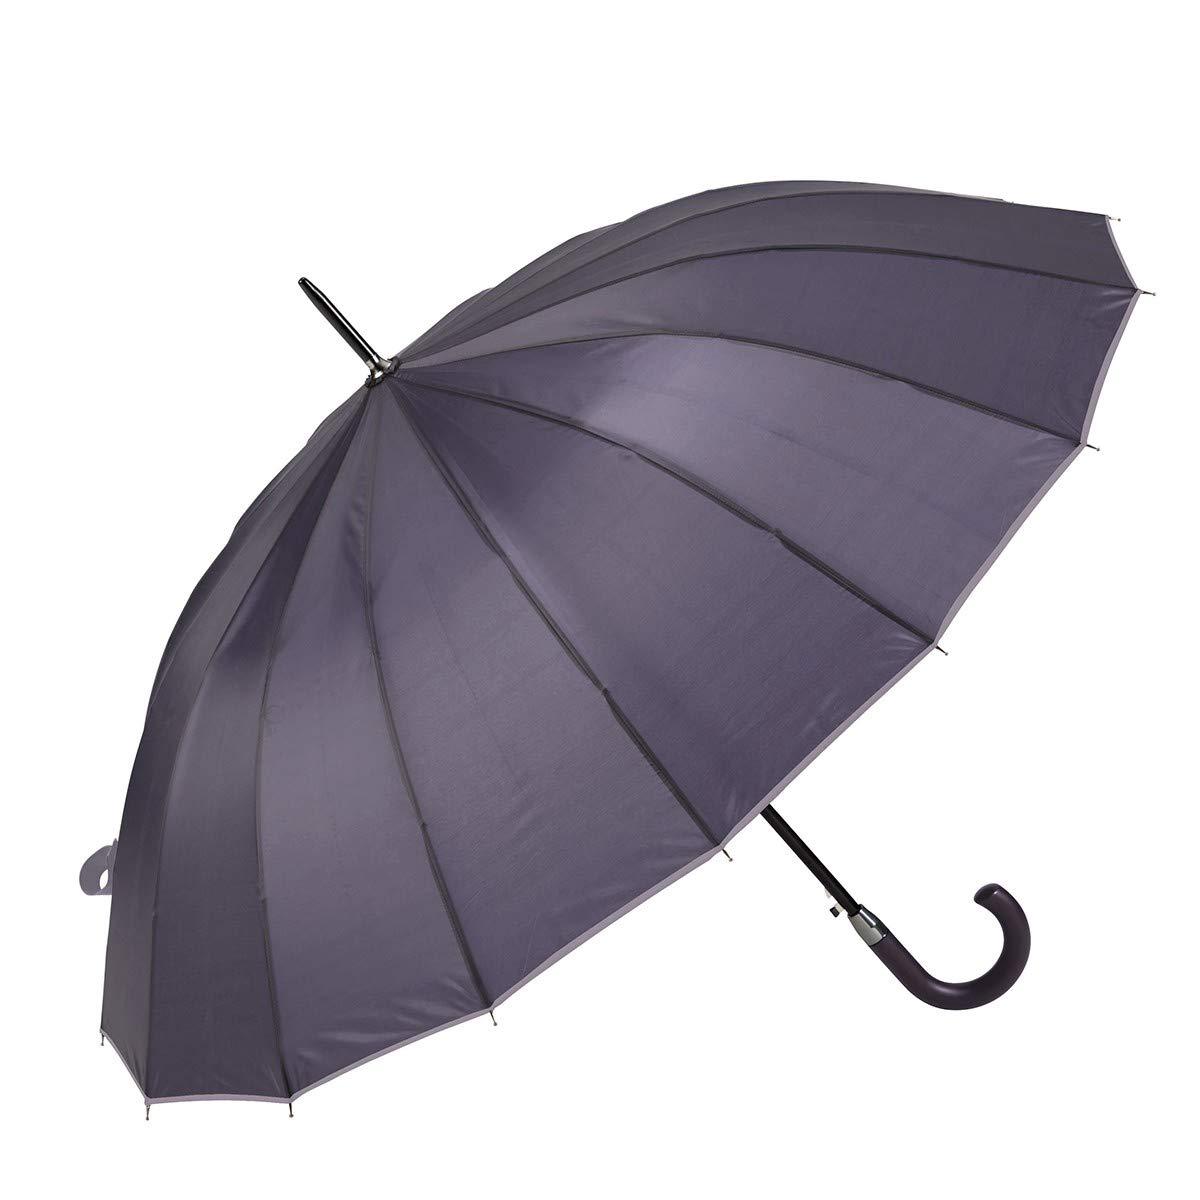 GOTTA Parapluie Long et Grand Coupe-Vent pour Homme Aubergine Ouverture et Fermeture Automatique avec Poign/ée Courb/ée et Tissu Uni